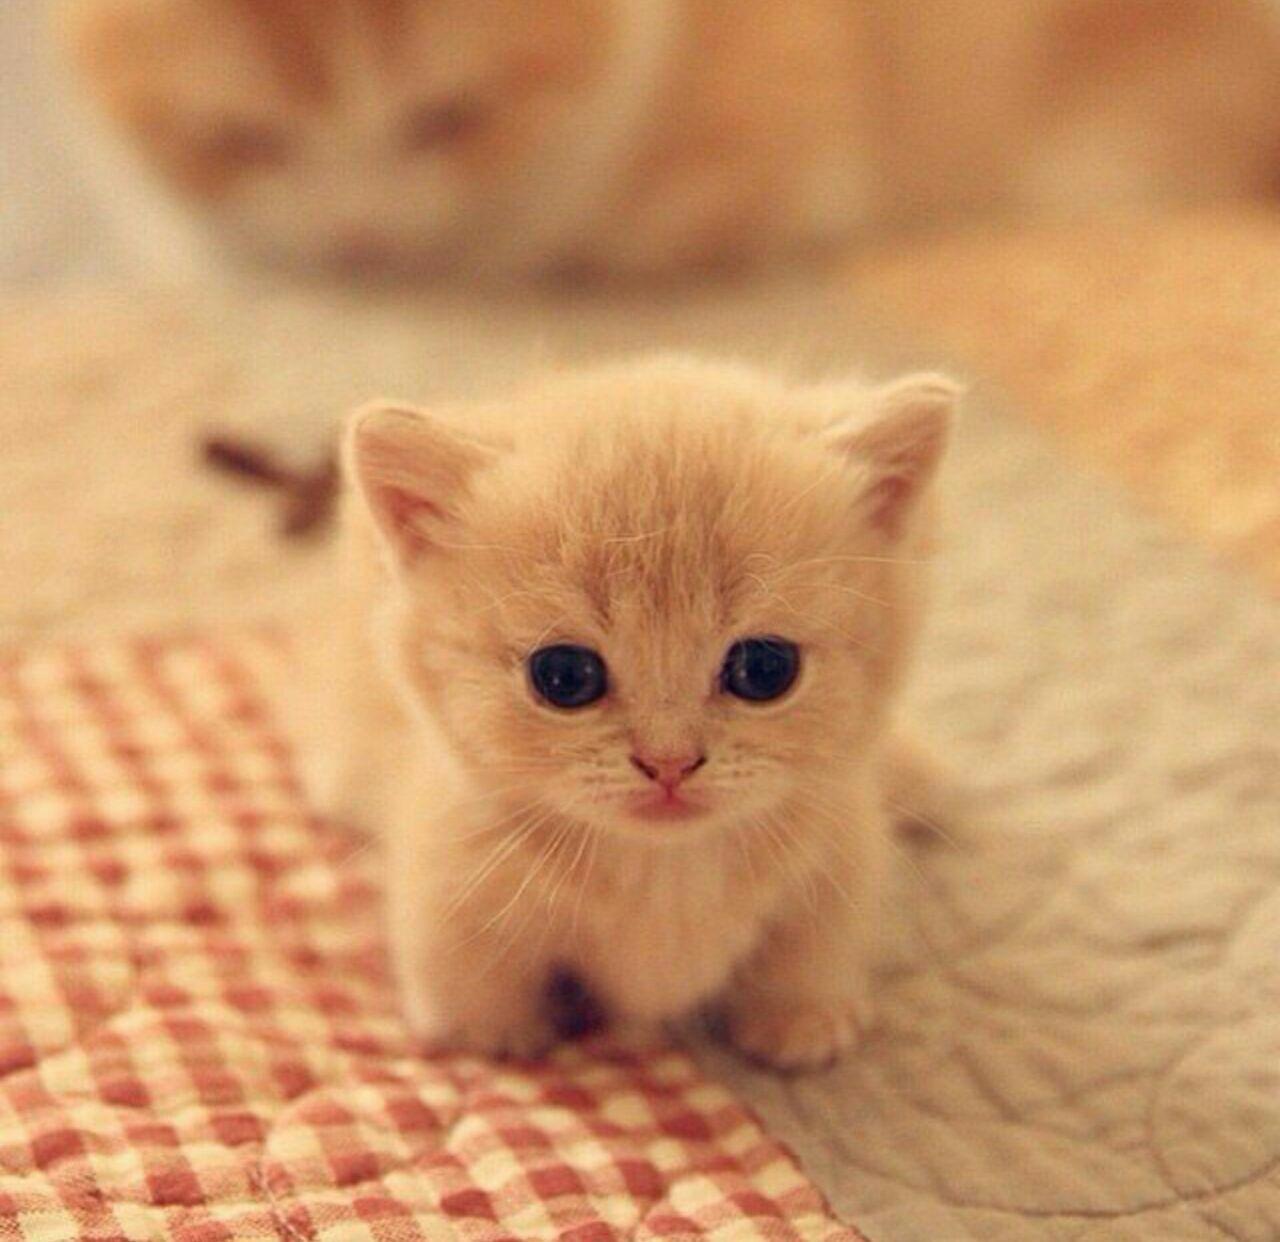 природа покажи картинки кошек пожалуйста картинка, где